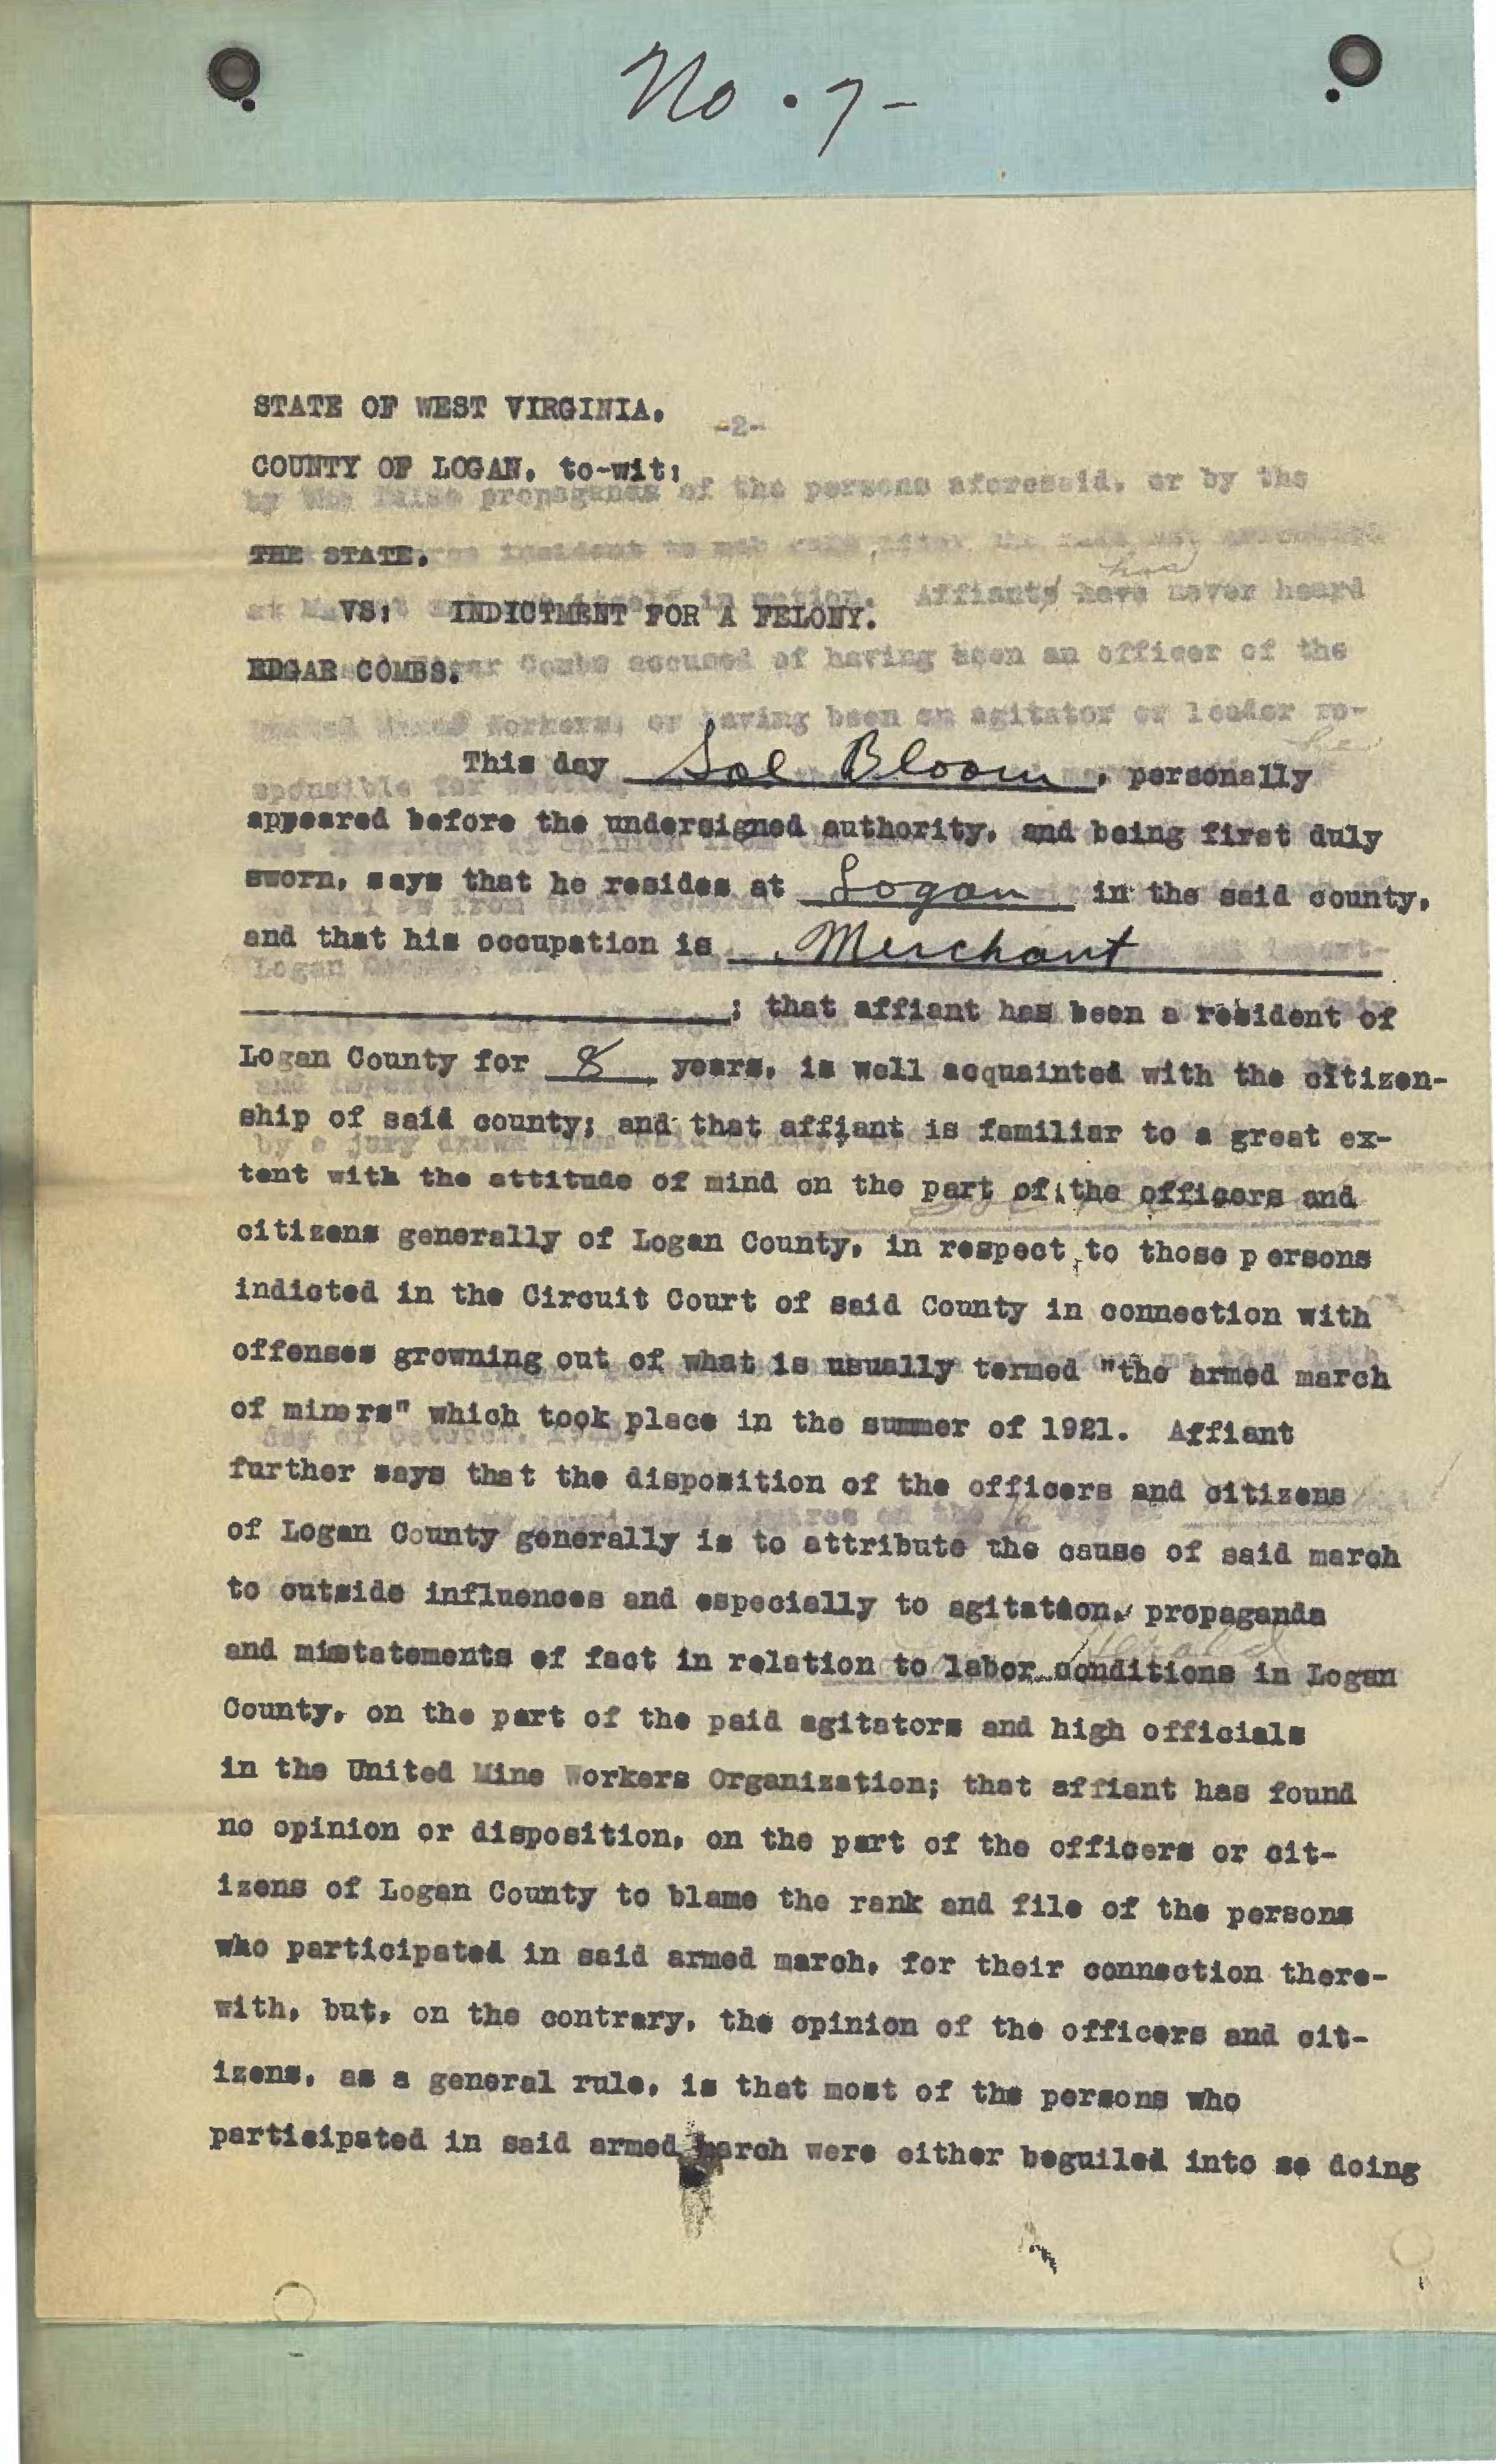 Document 7-1